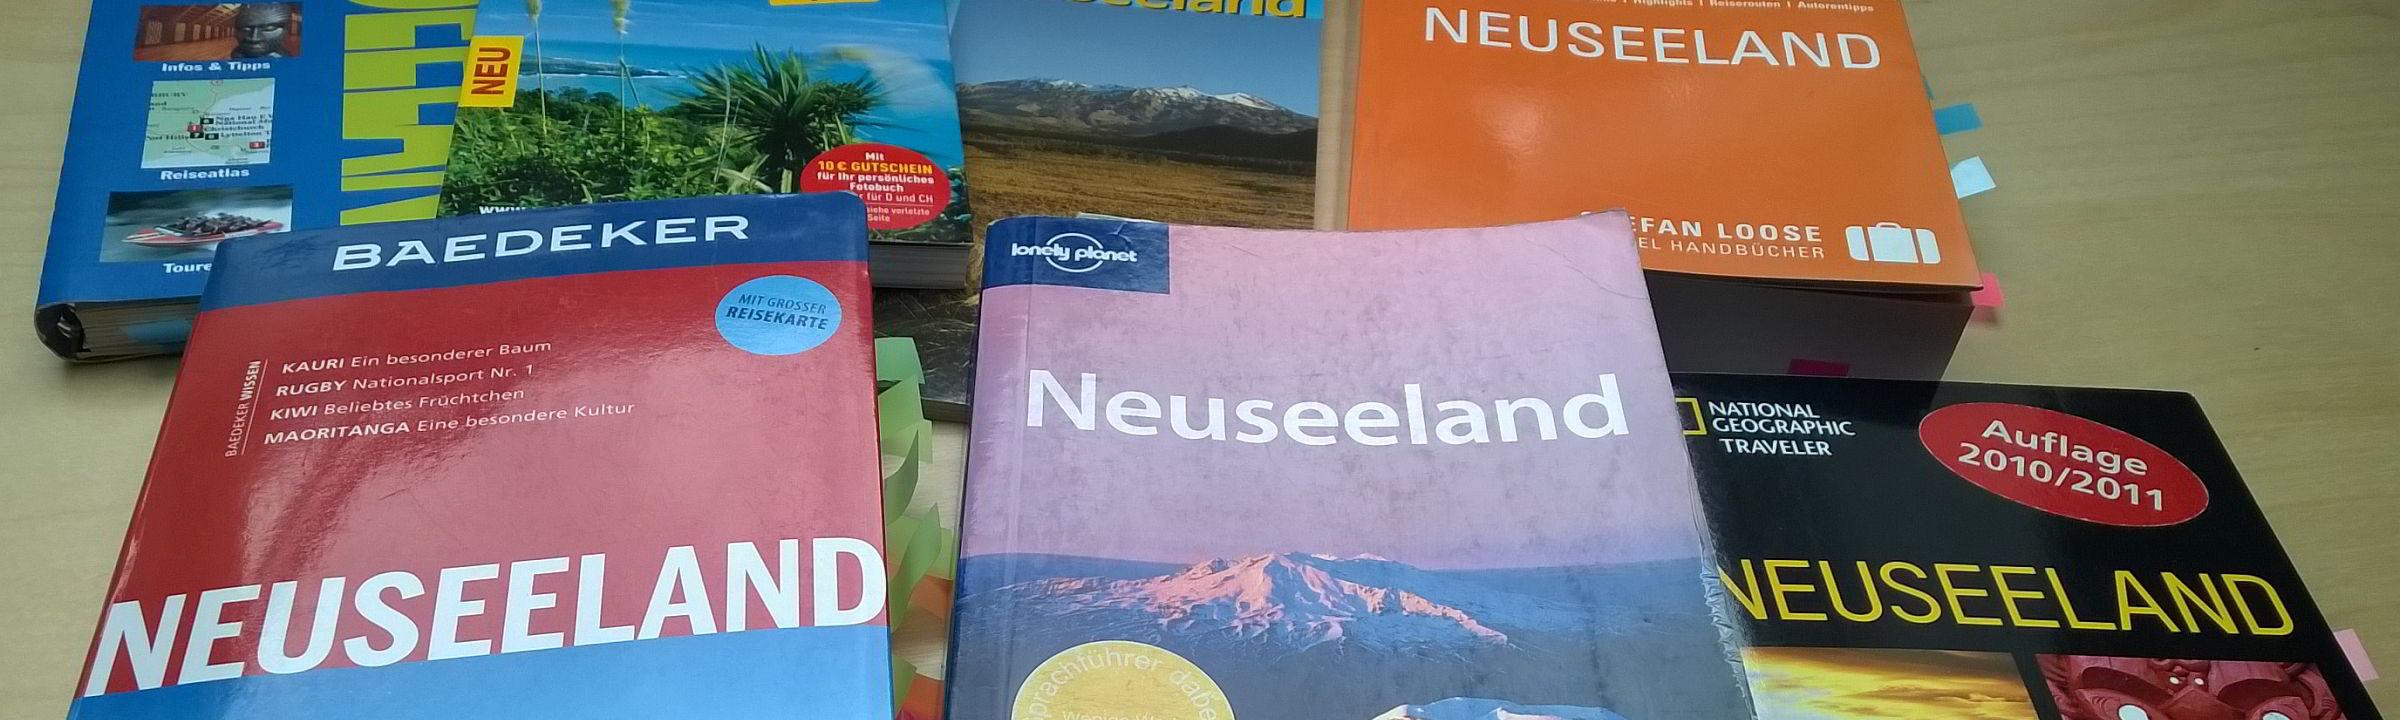 Universelle Reiseführer für Neuseeland